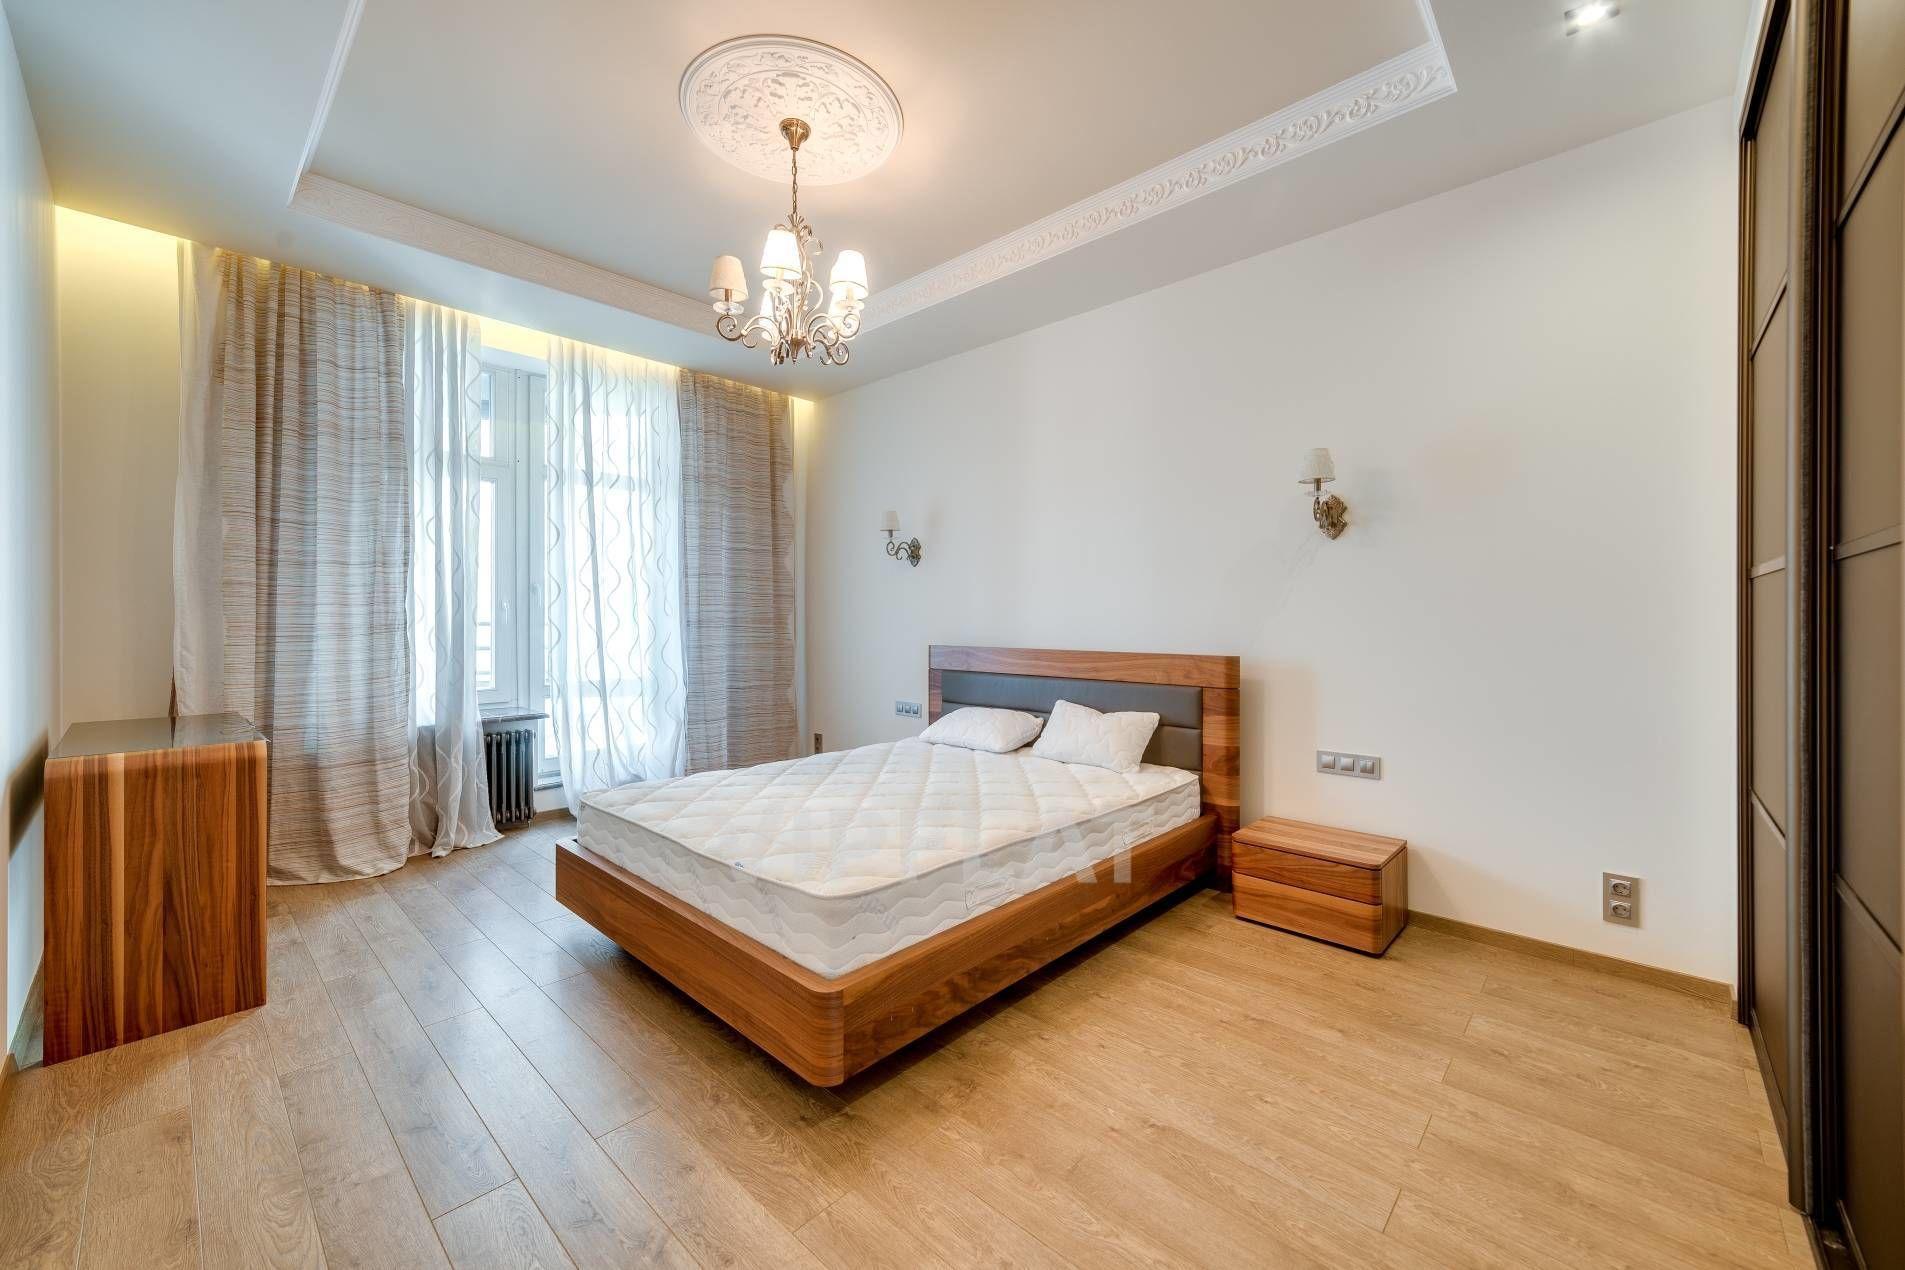 Продажа элитных квартир Санкт-Петербурга. Кирочная улица, 64 Одна из спален